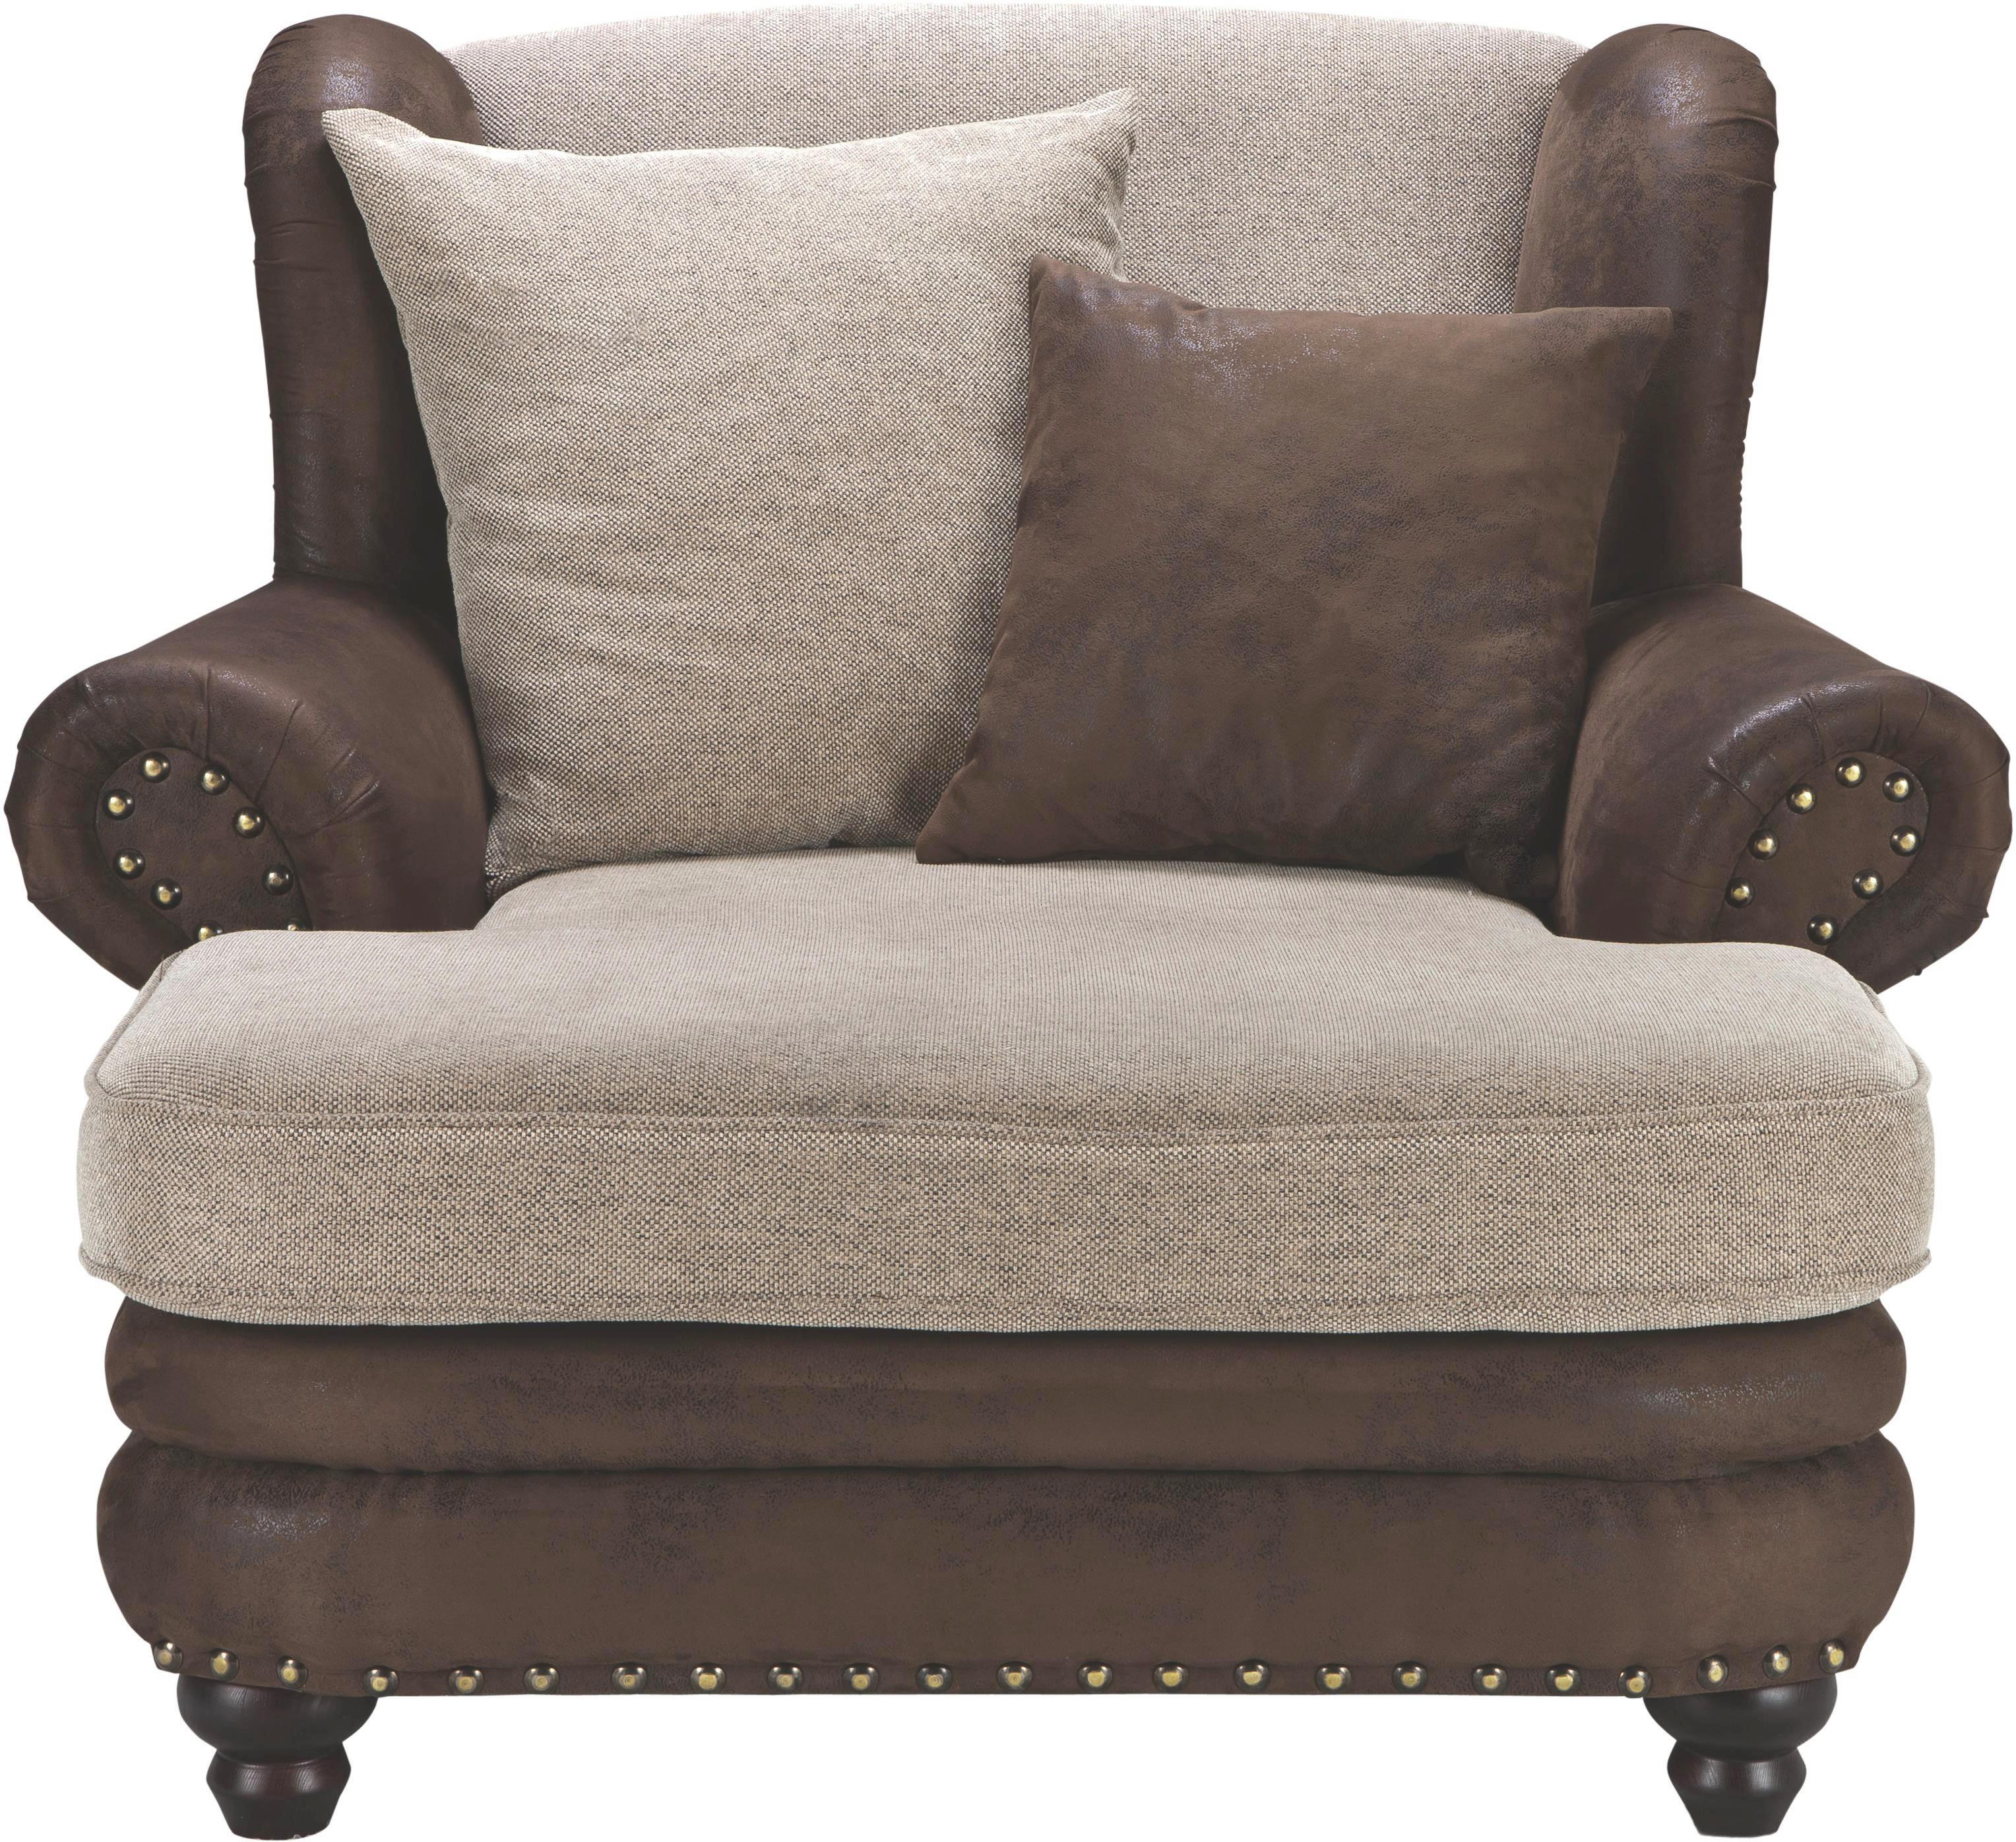 FOTELJA - bež/smeđa, Lifestyle, tekstil/drvo (125/100/140cm) - LANDSCAPE